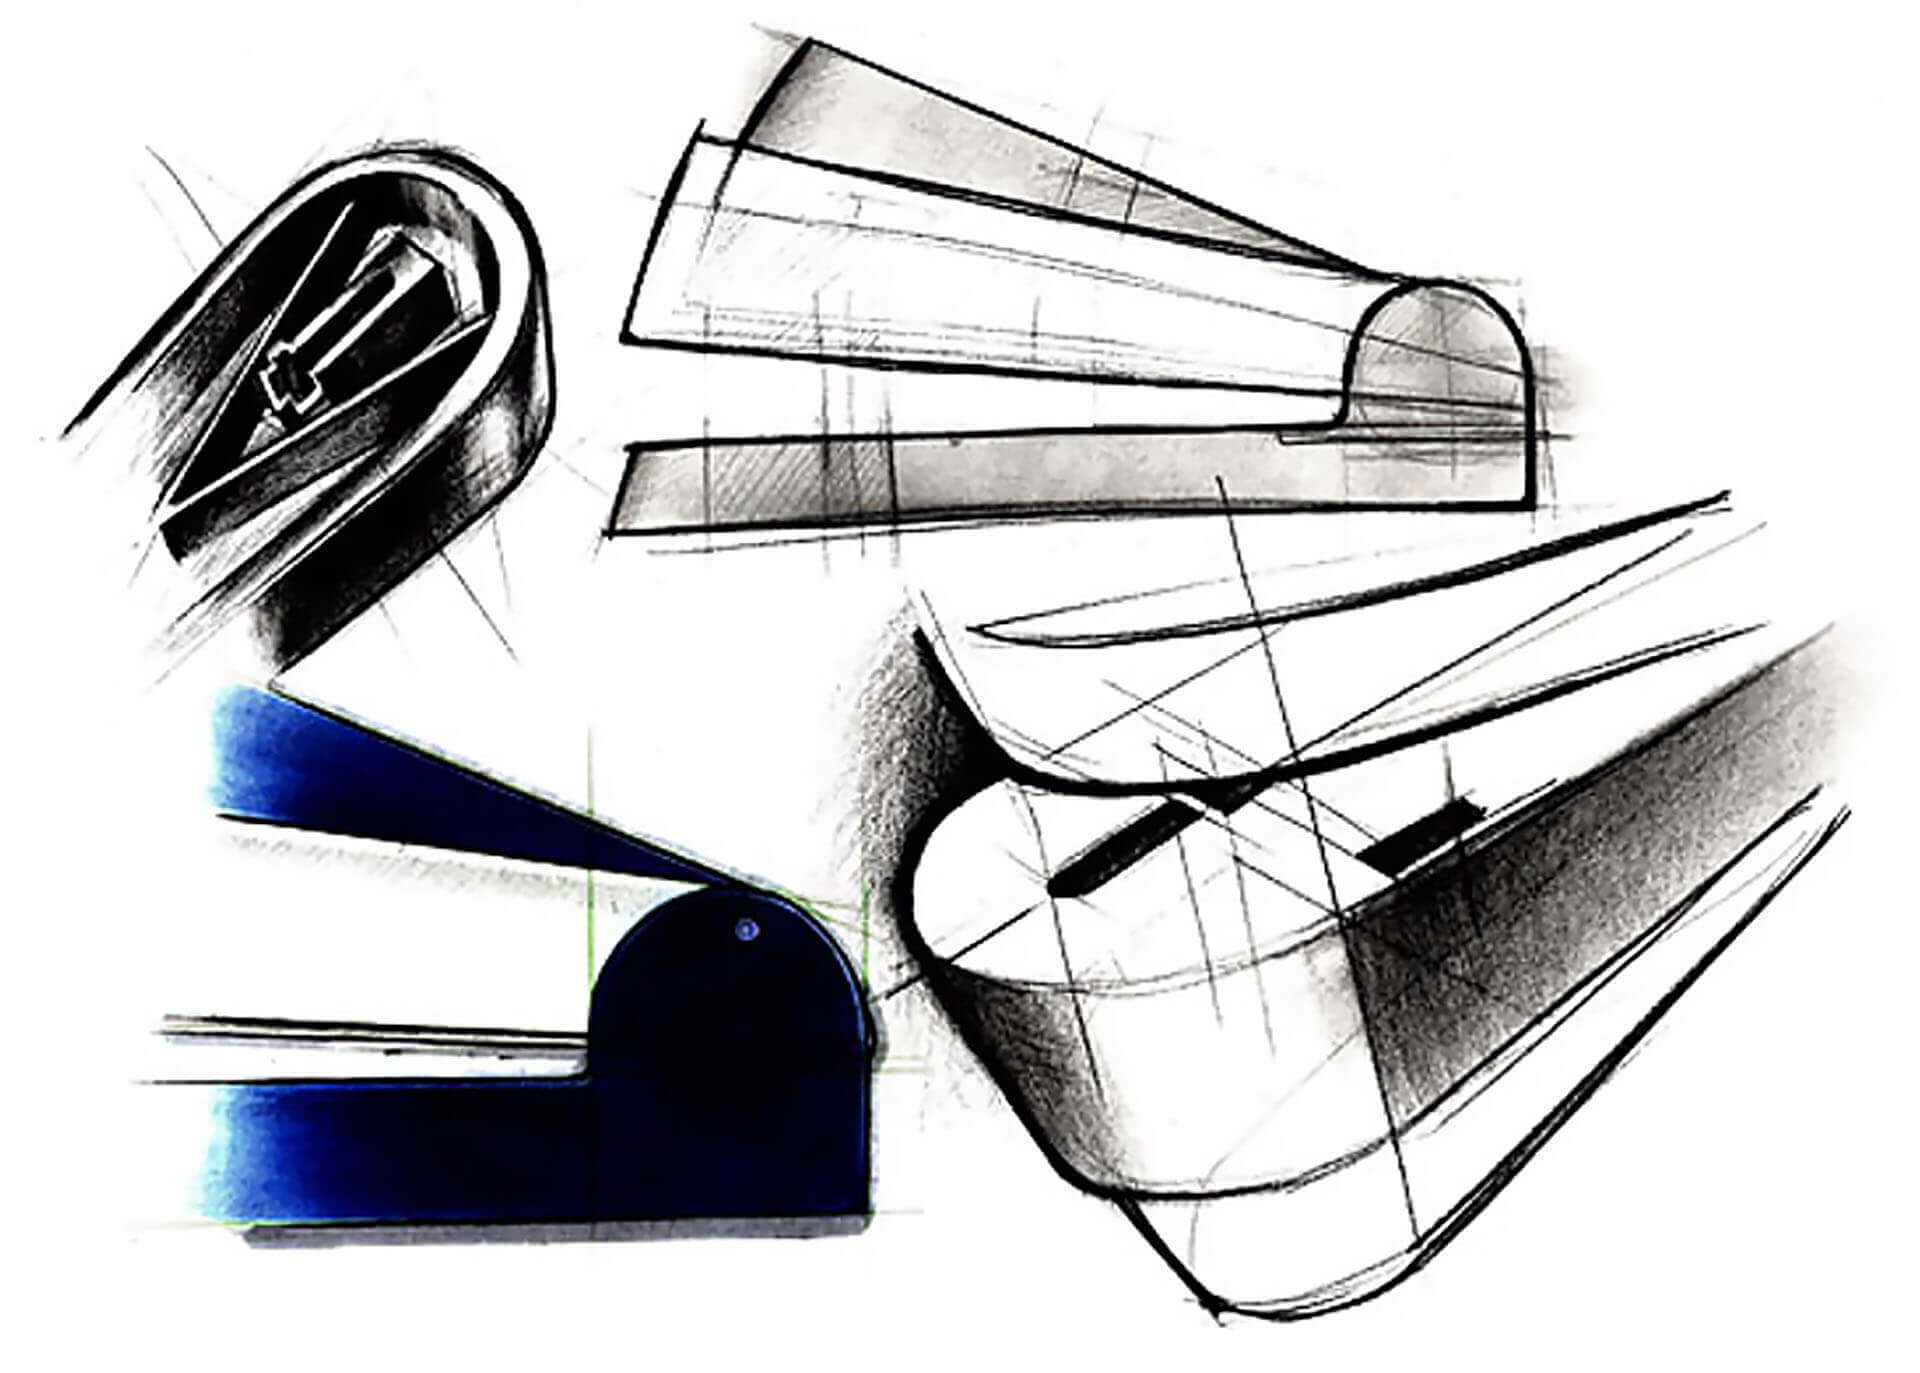 Magic Stapler sketches